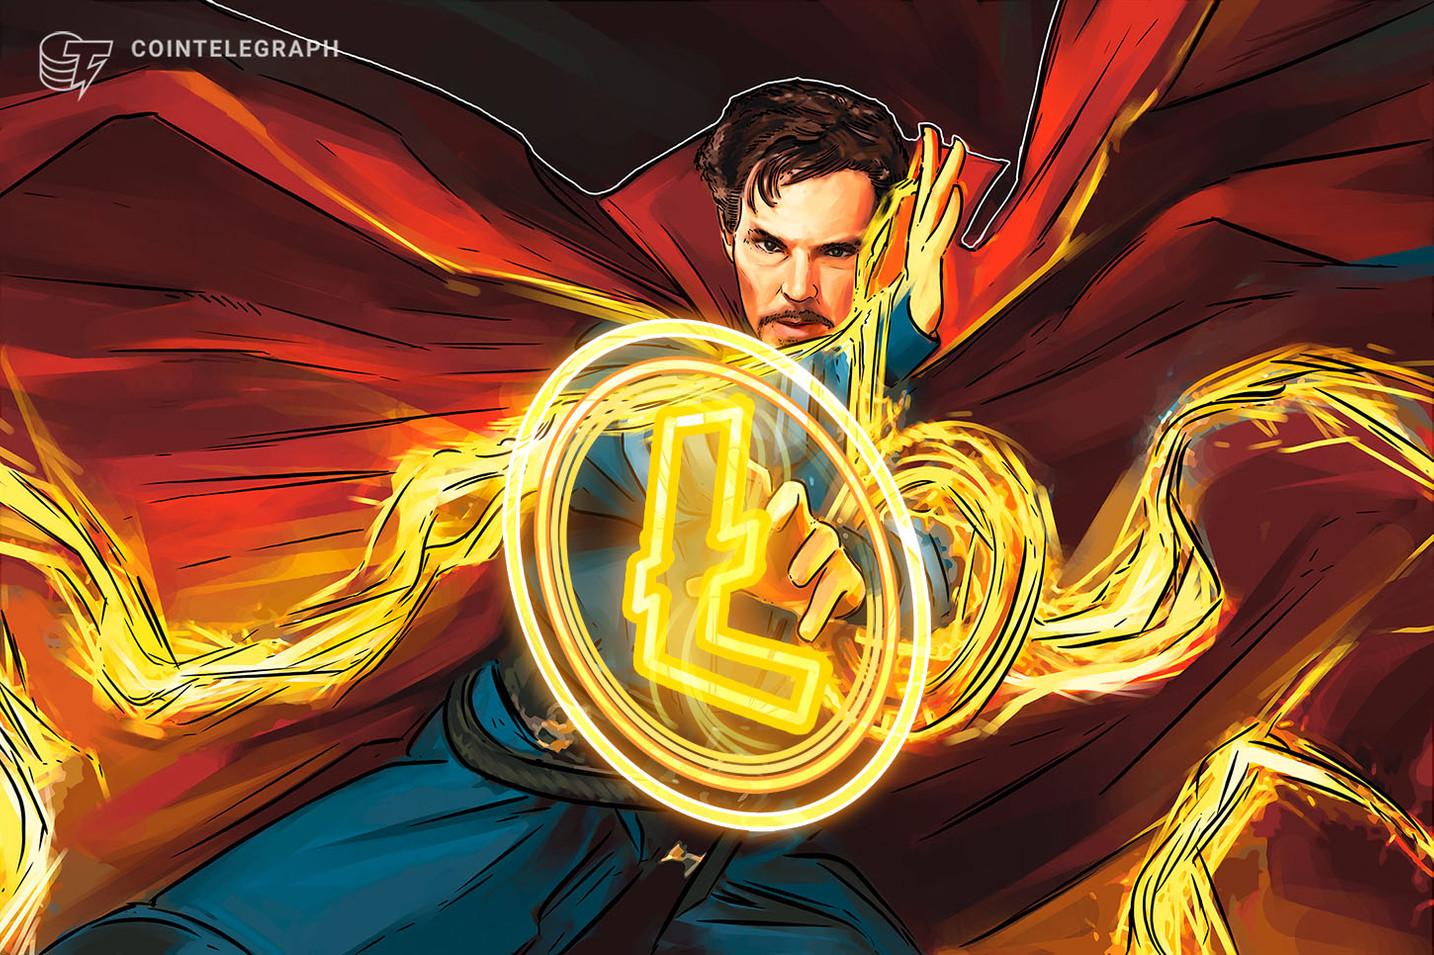 Weiss Ratings: il livello d'adozione e rendimento degli investimenti di Litecoin è 'eccellente'